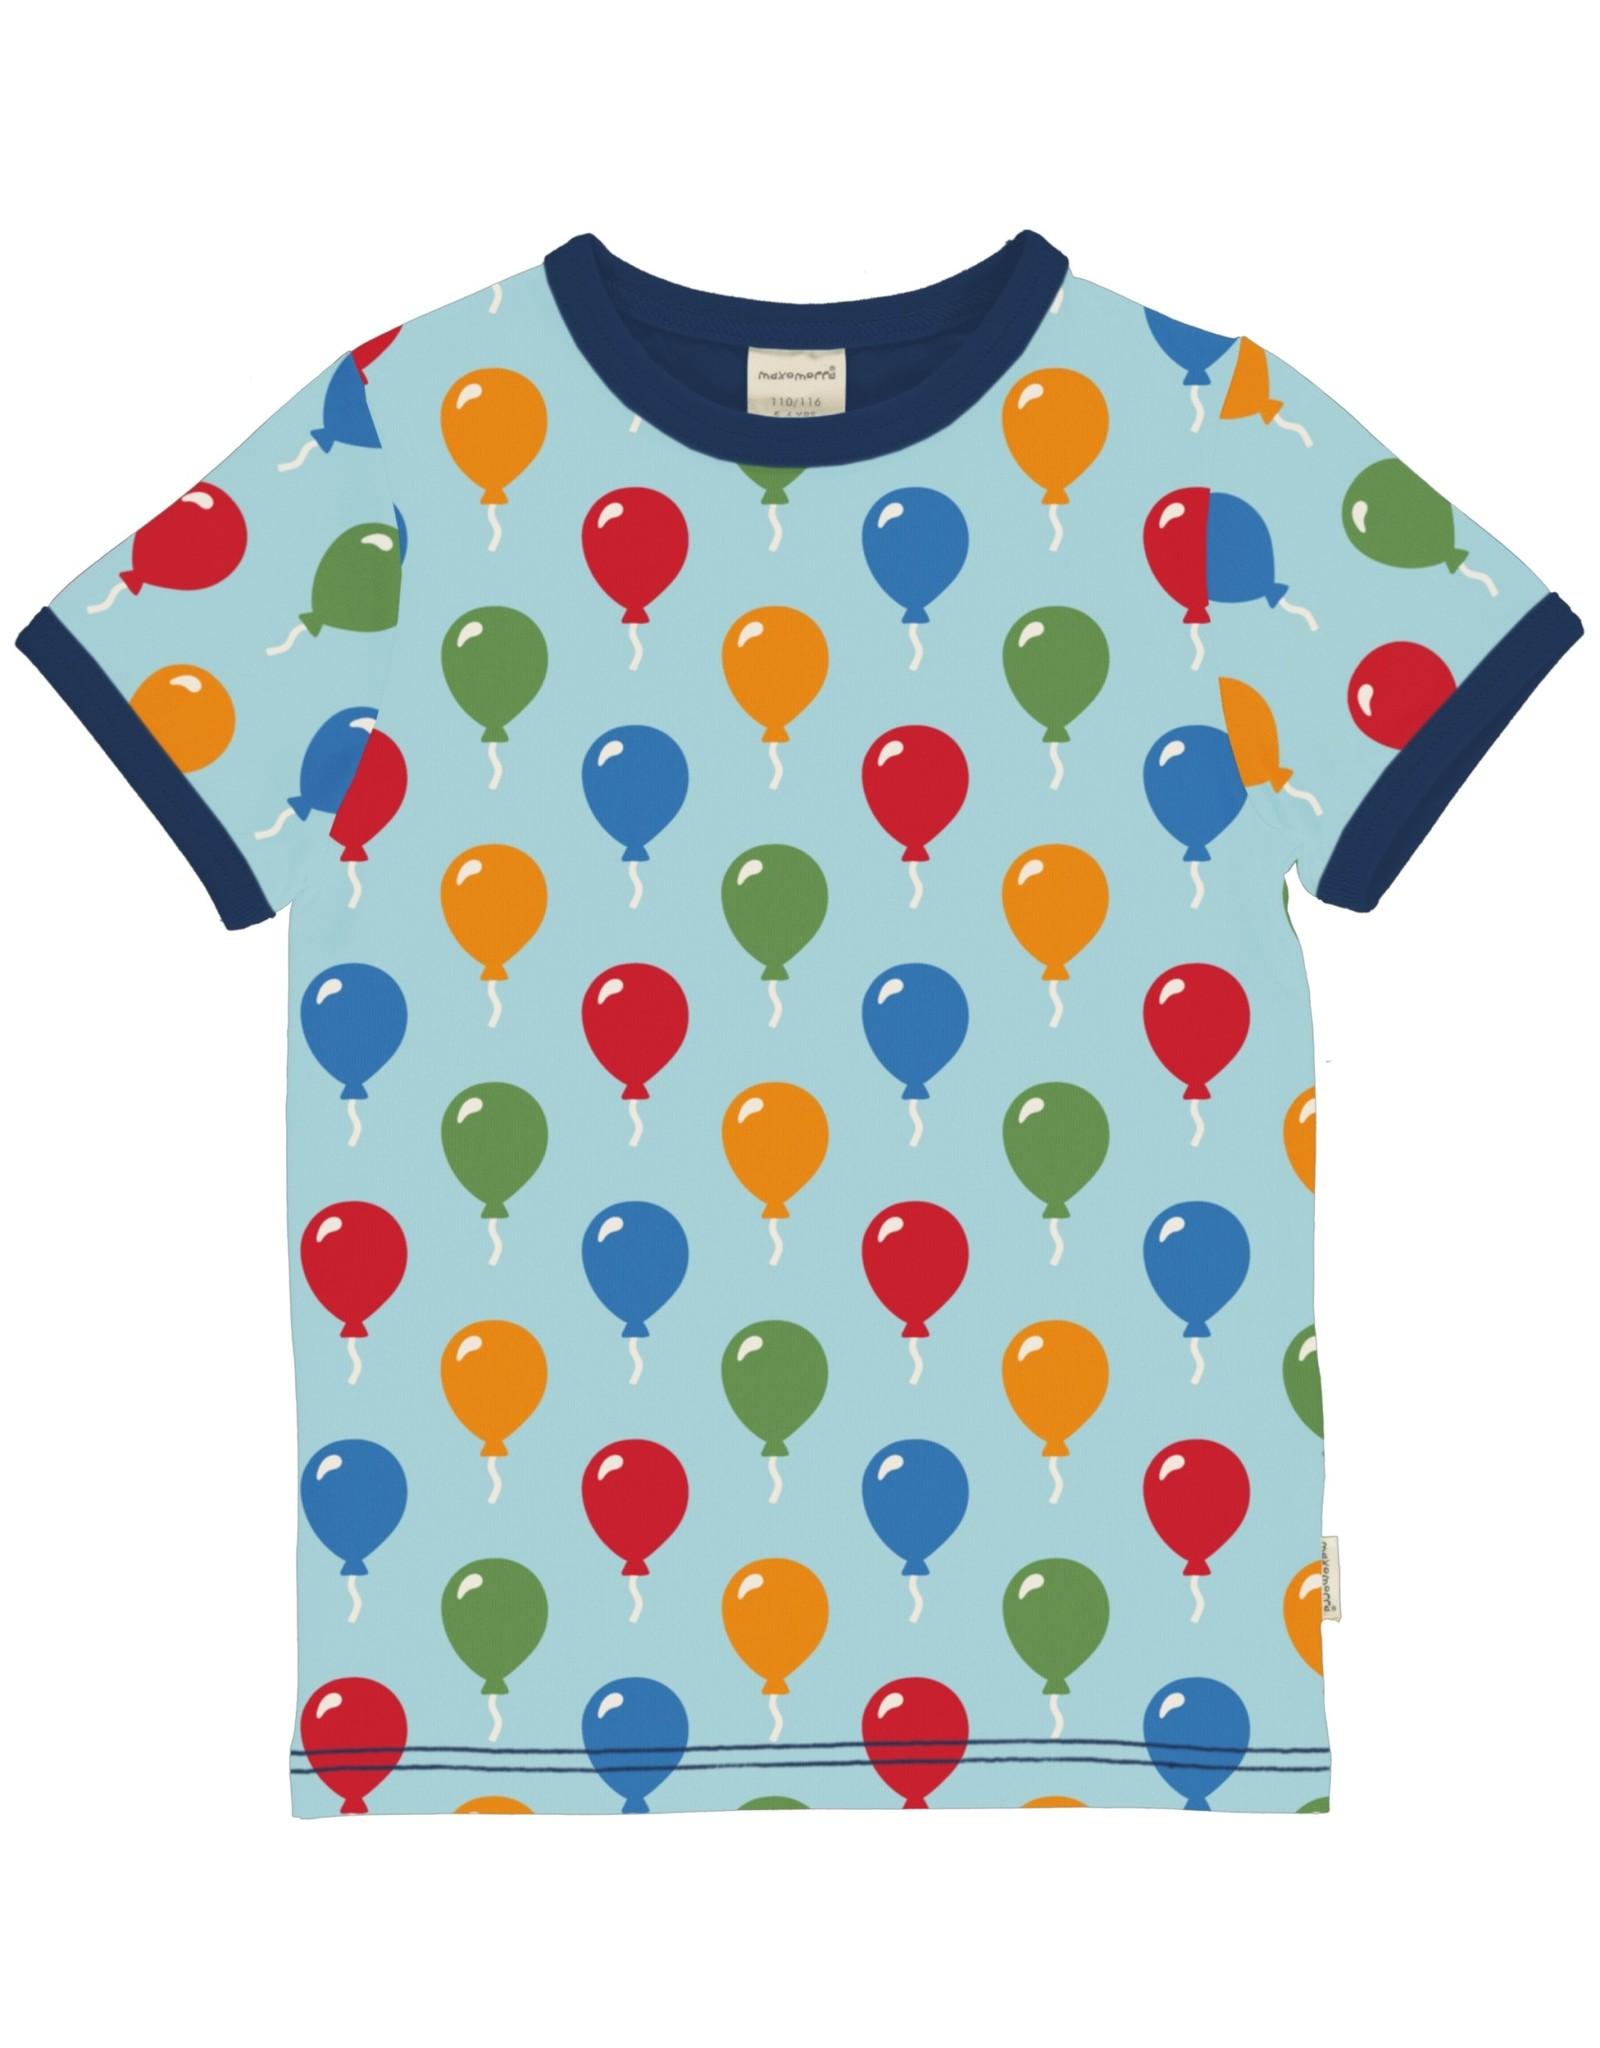 Maxomorra Unisex t-shirt met ballonnen